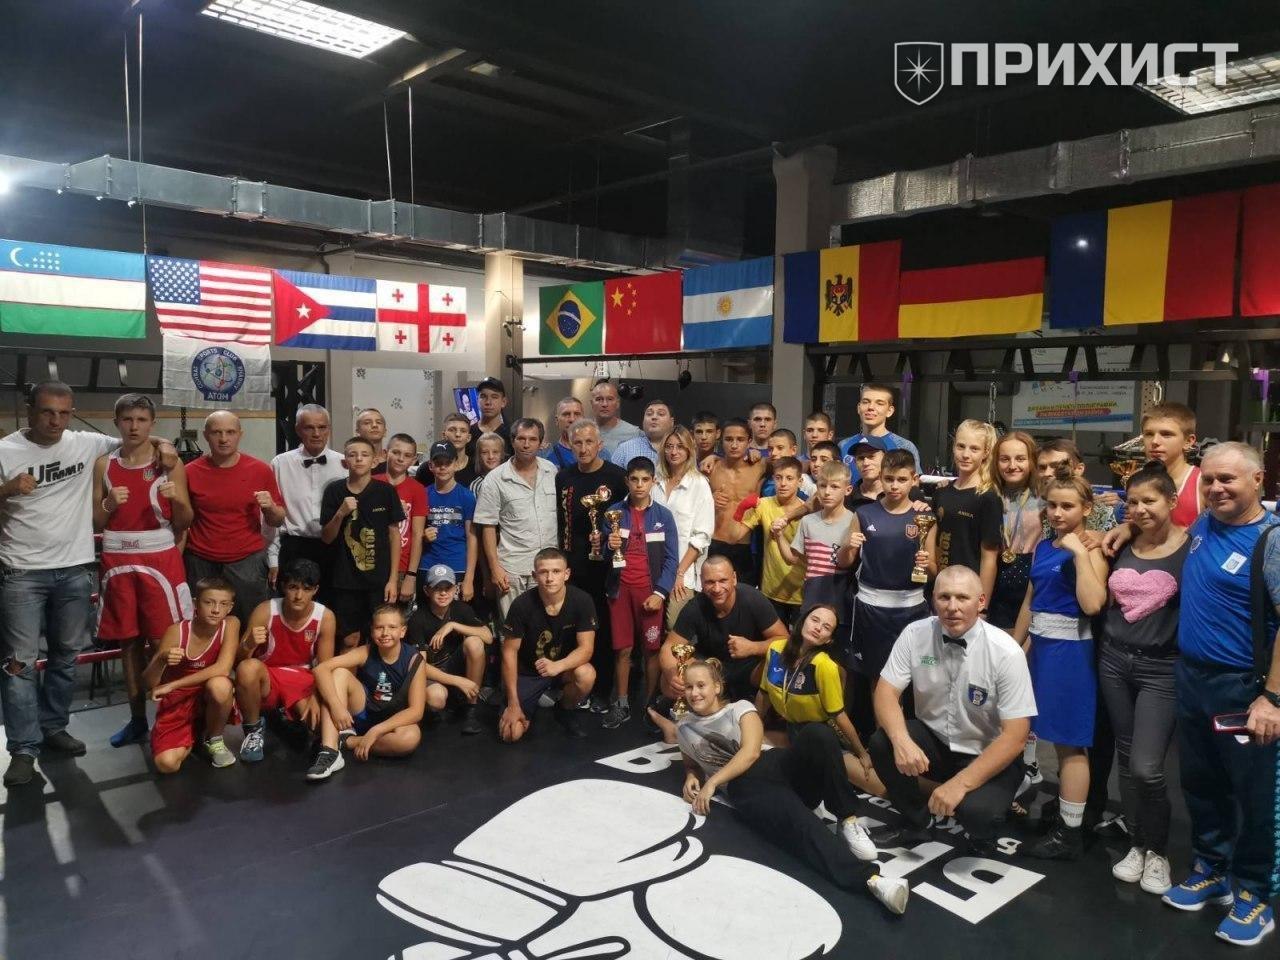 Никопольские боксеры — одни из лучших в Украине!   Прихист